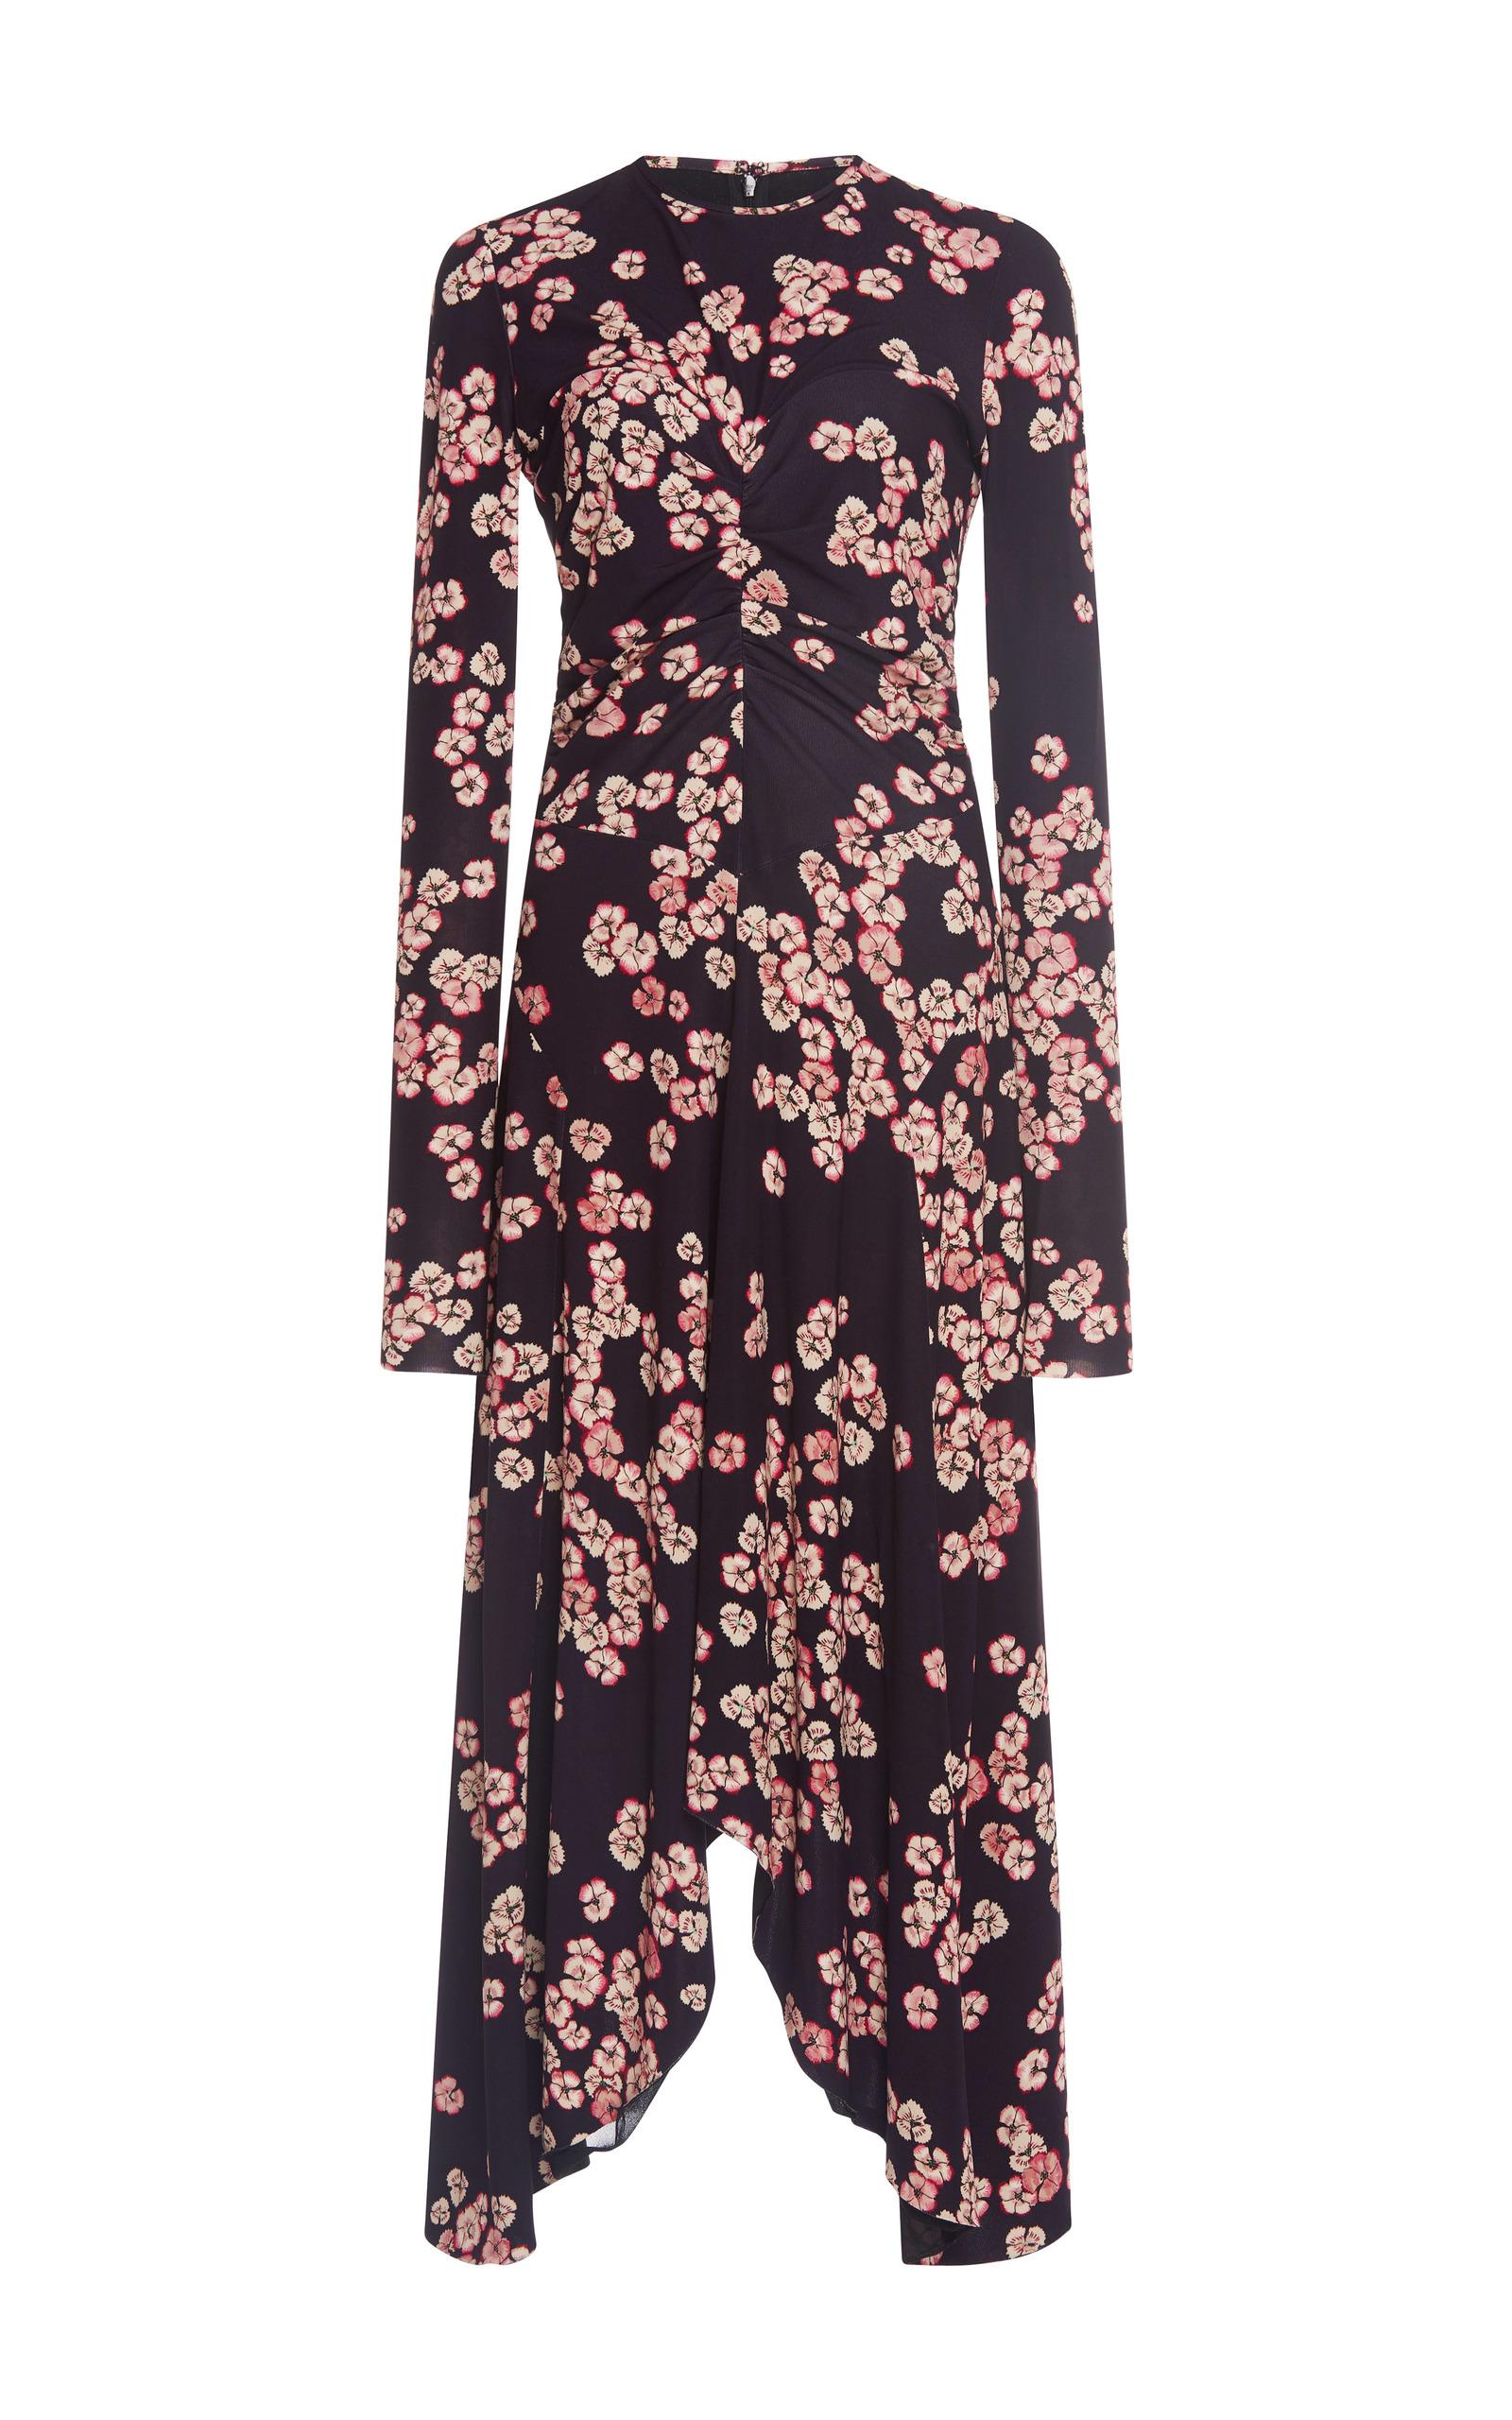 575b5514ae4 Diana Ruched Dress by Isabel Marant | Moda Operandi